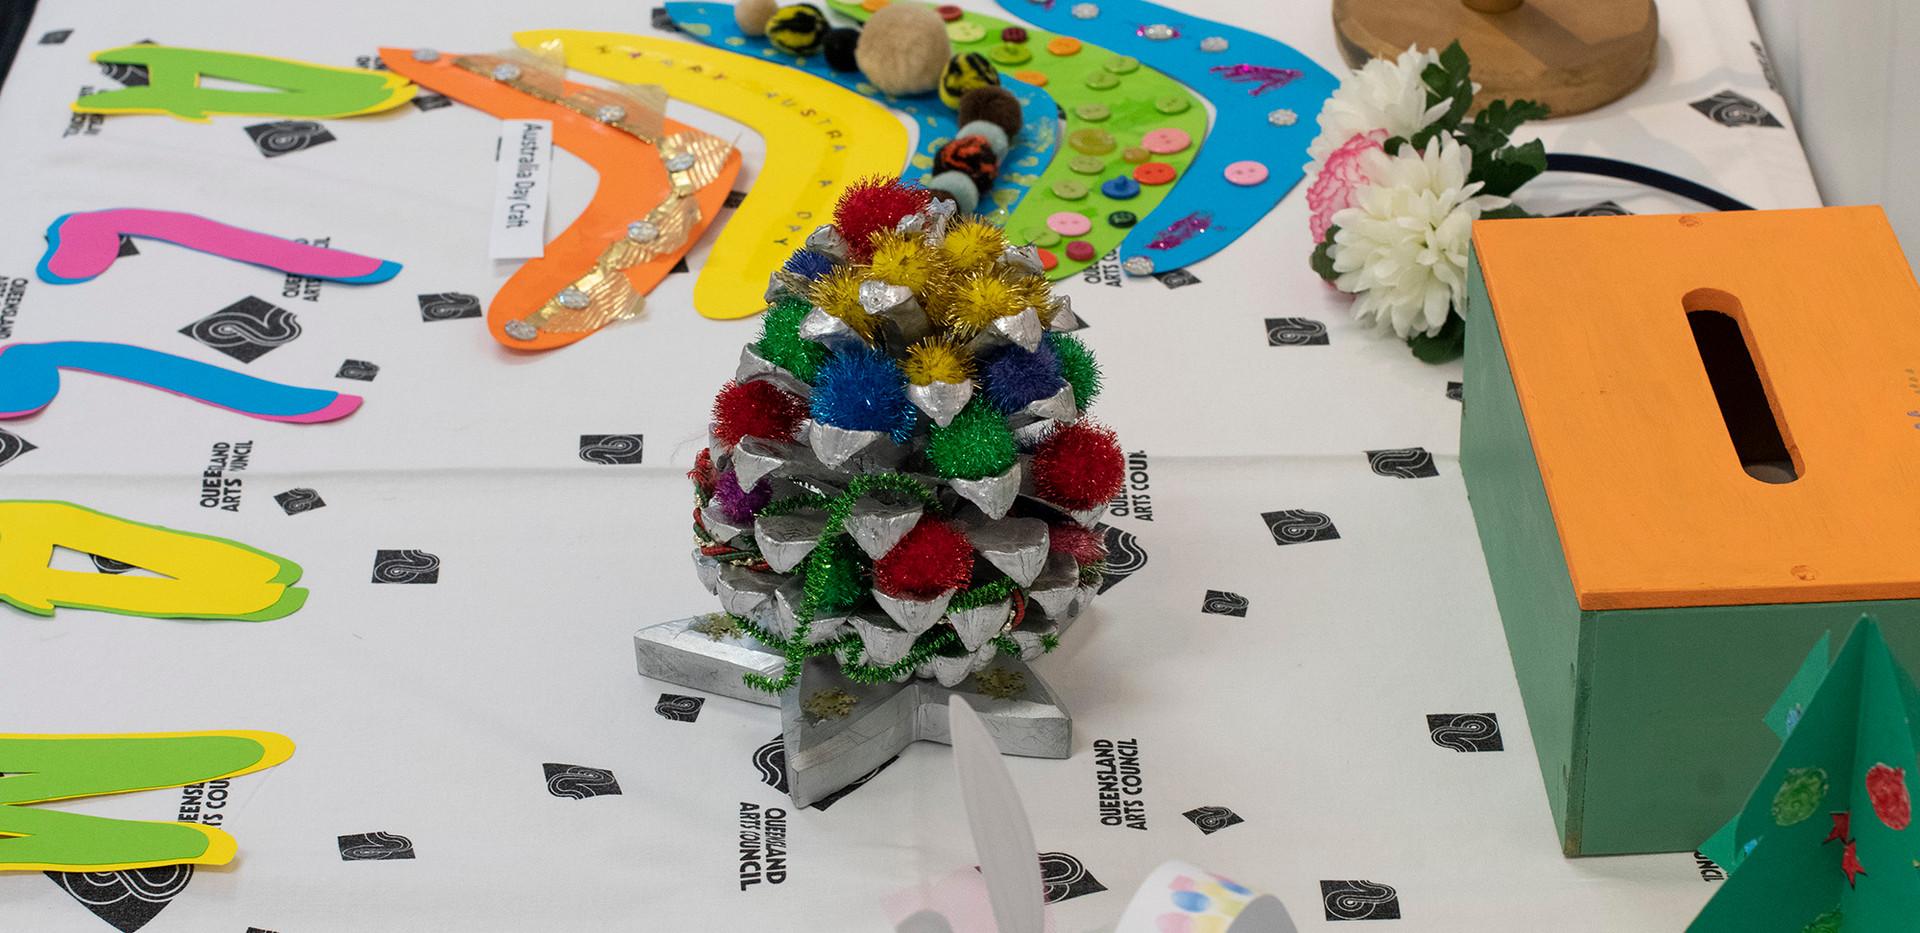 Yallambee Residents' Craft Display